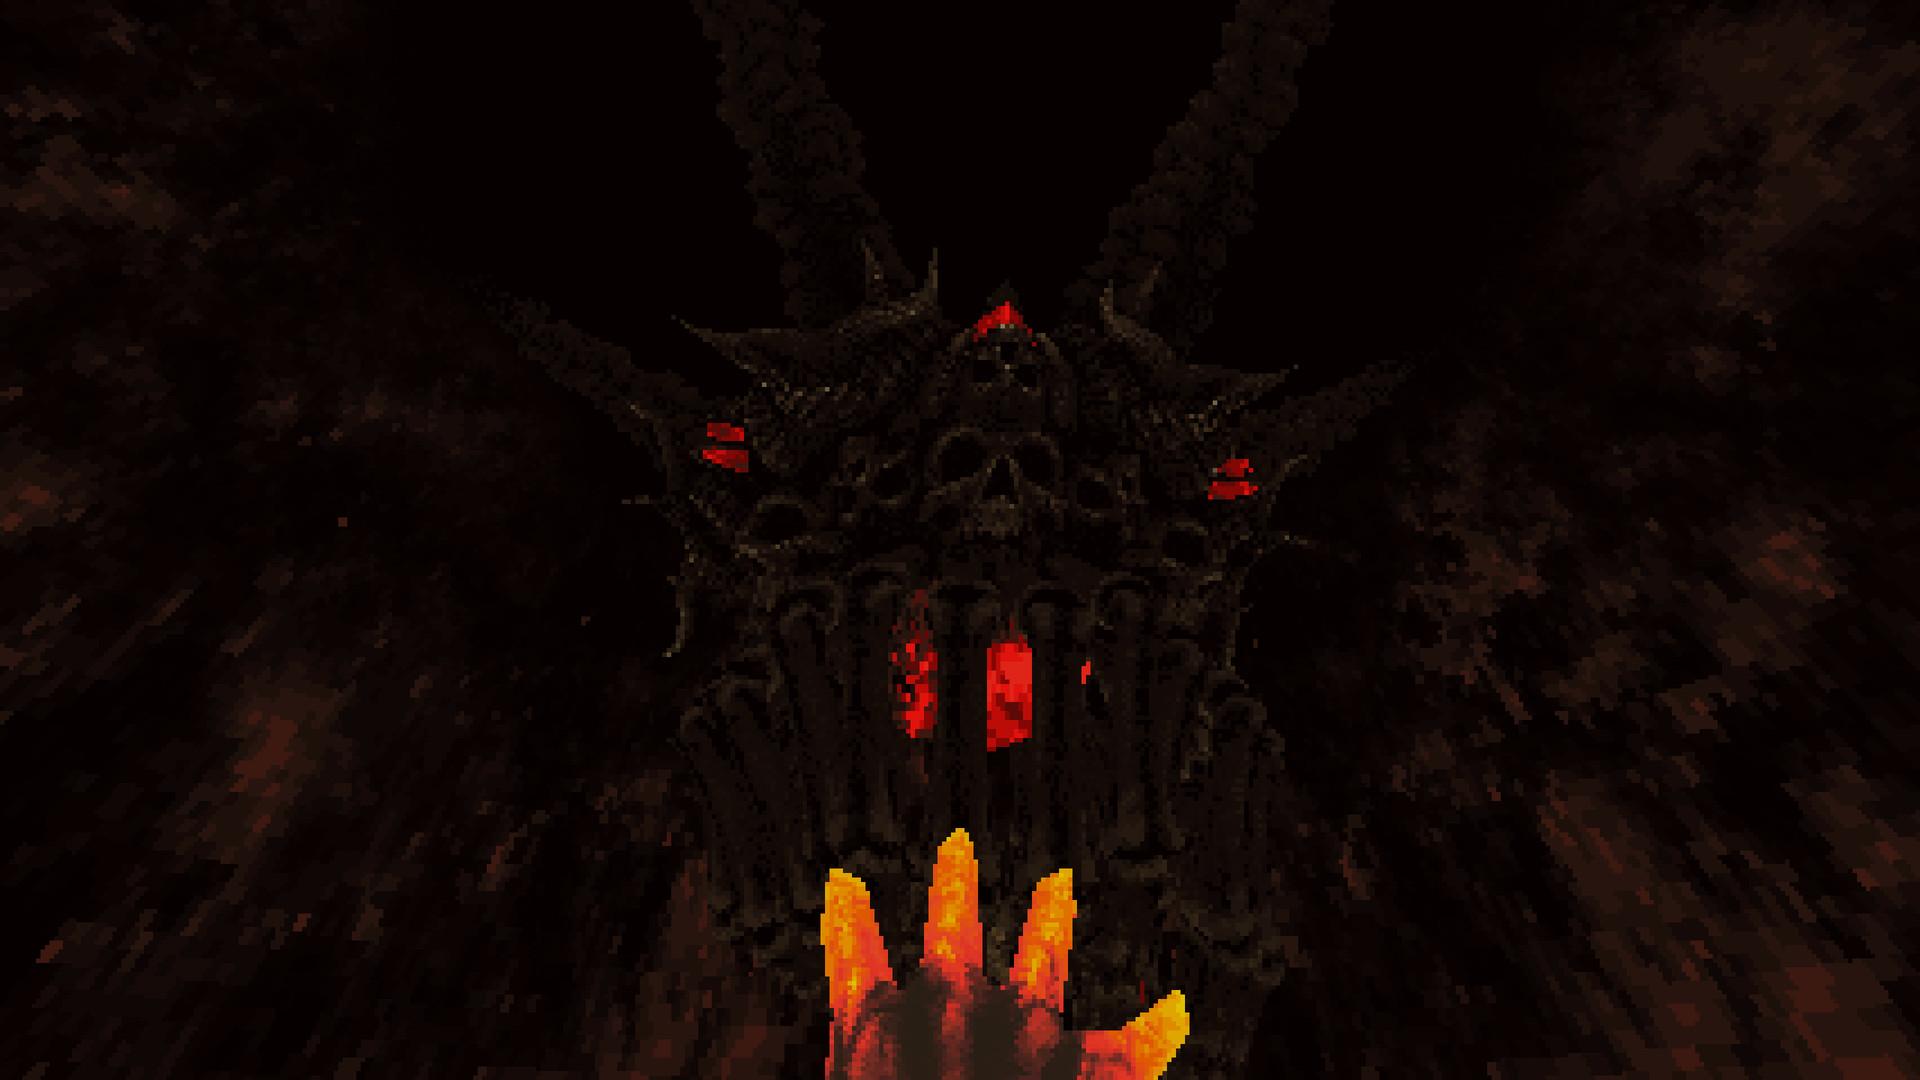 Rüyada insan Kılığında Kırmızı Şeytan Görmek